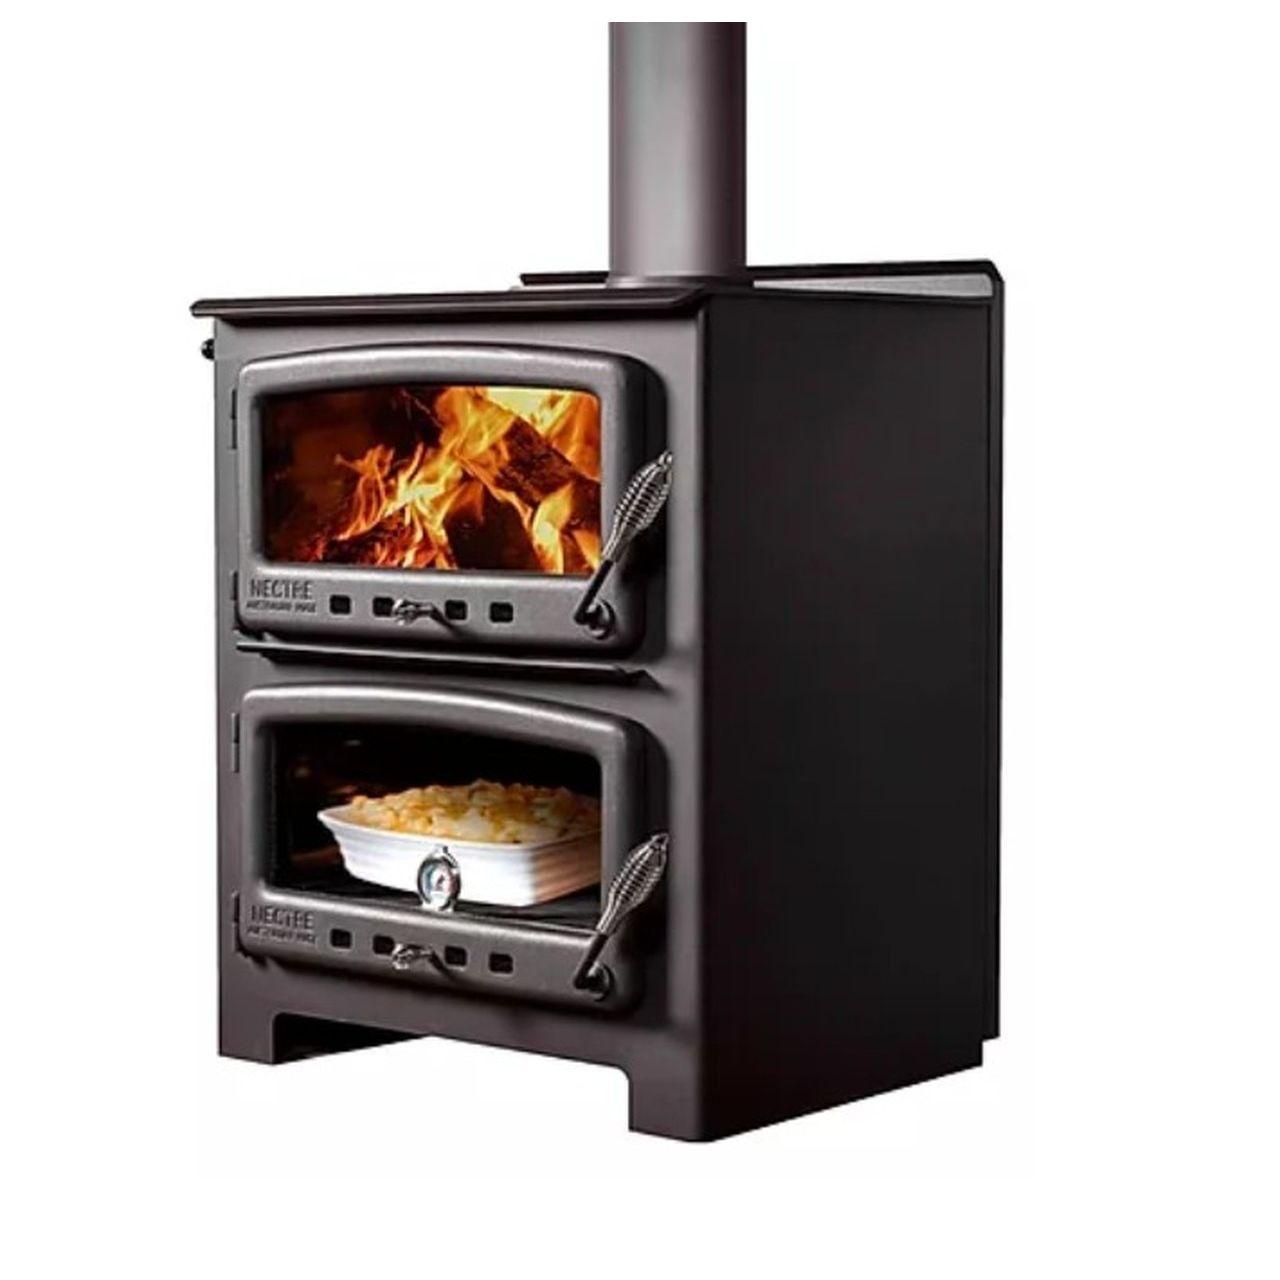 Nectre N550 65000 BTU Wood-Fired Oven